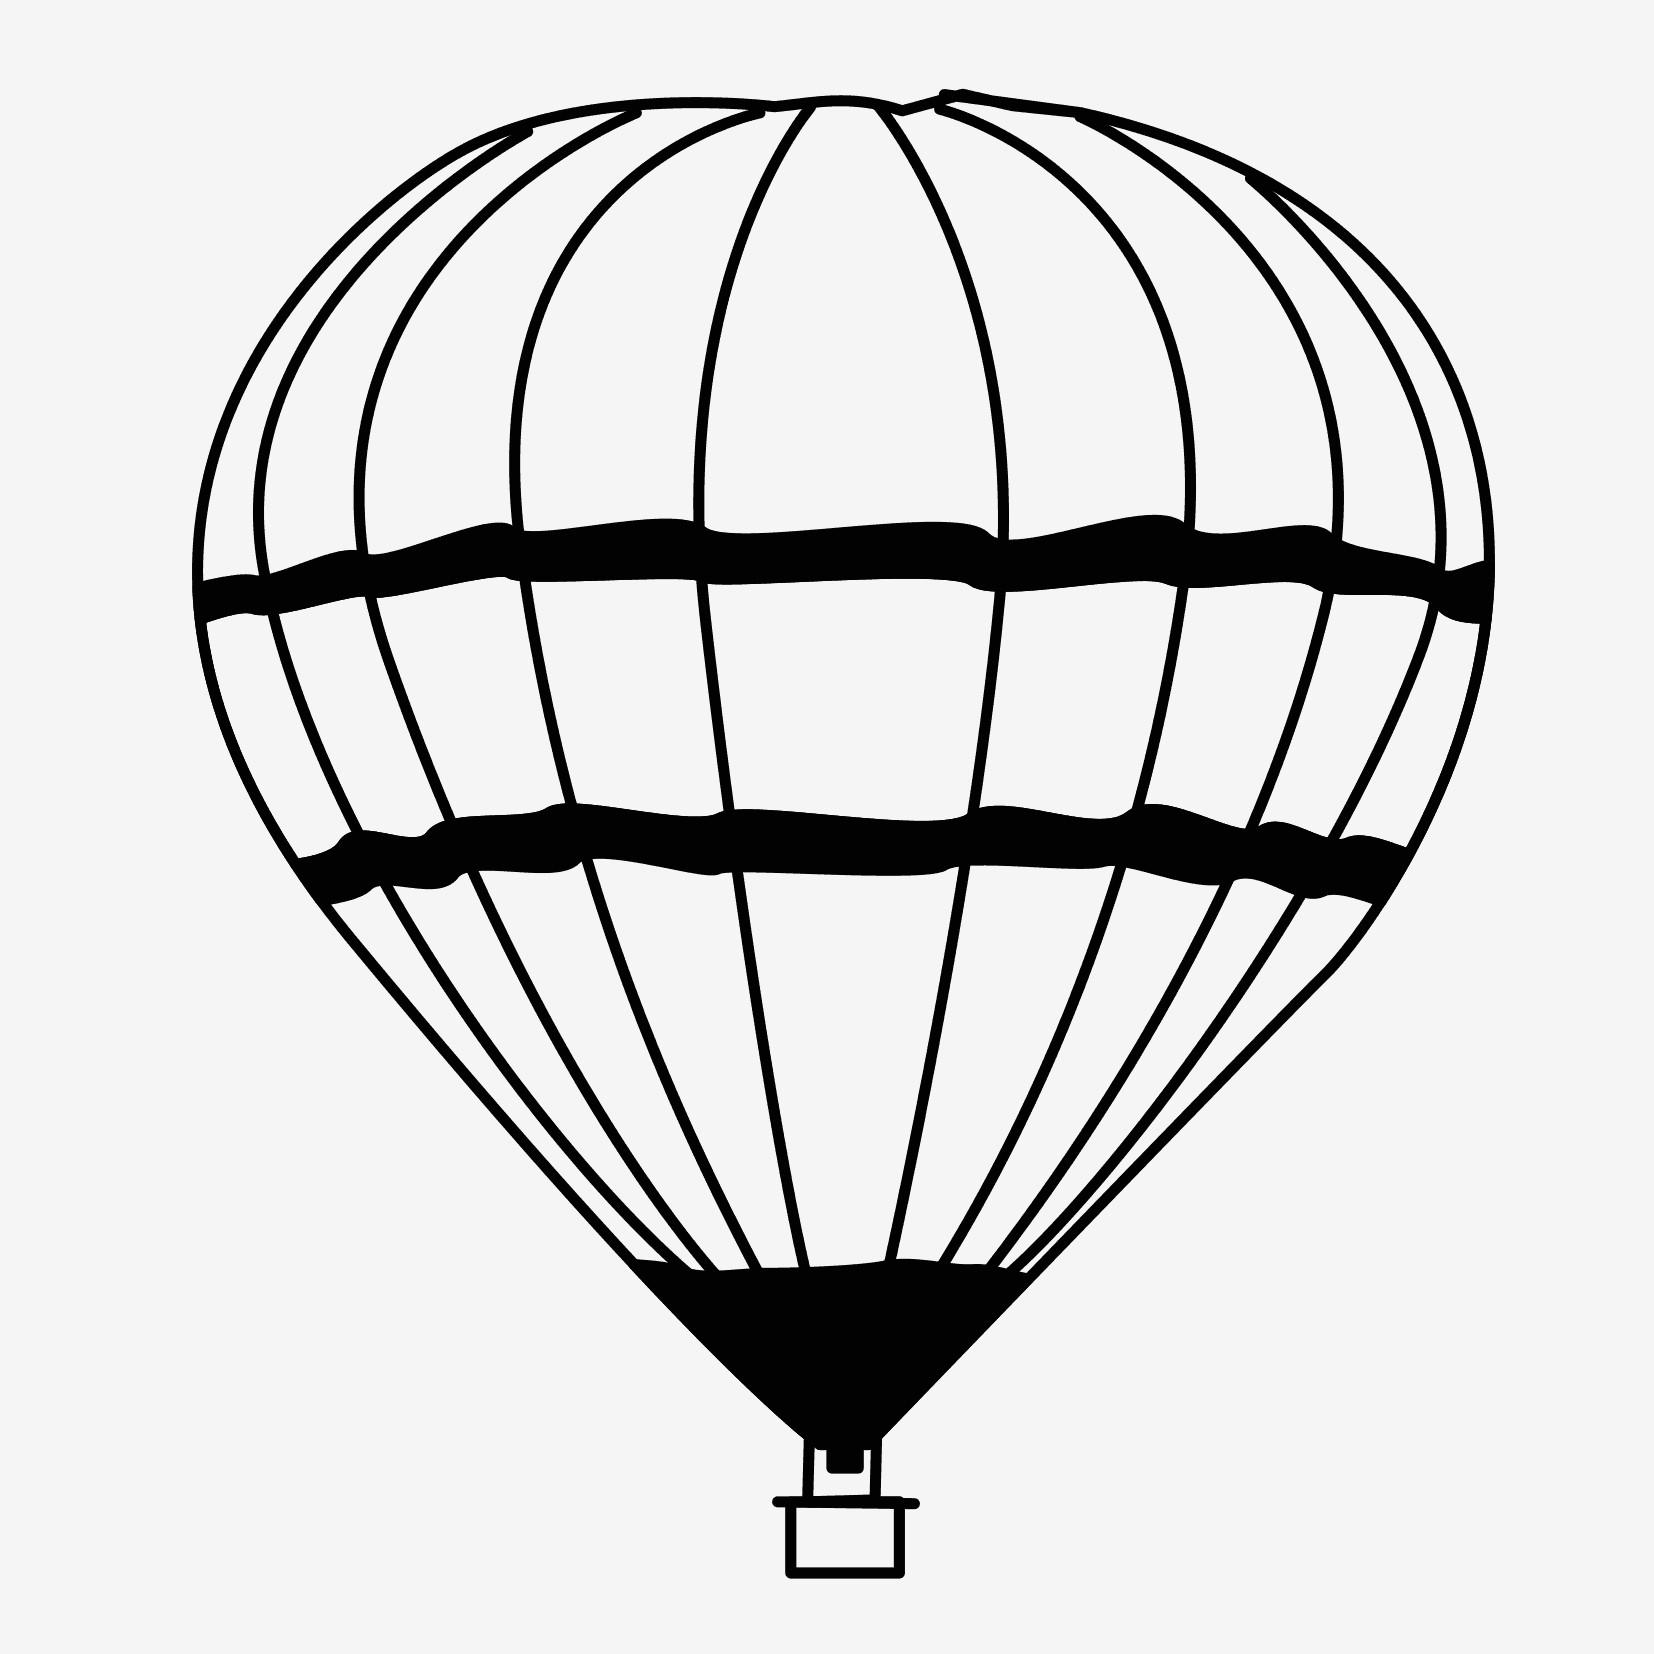 Bibi Und Tina Bilder Zum Drucken Neu Malvorlagen Luftballons Kostenlos Bildergalerie & Bilder Zum Stock